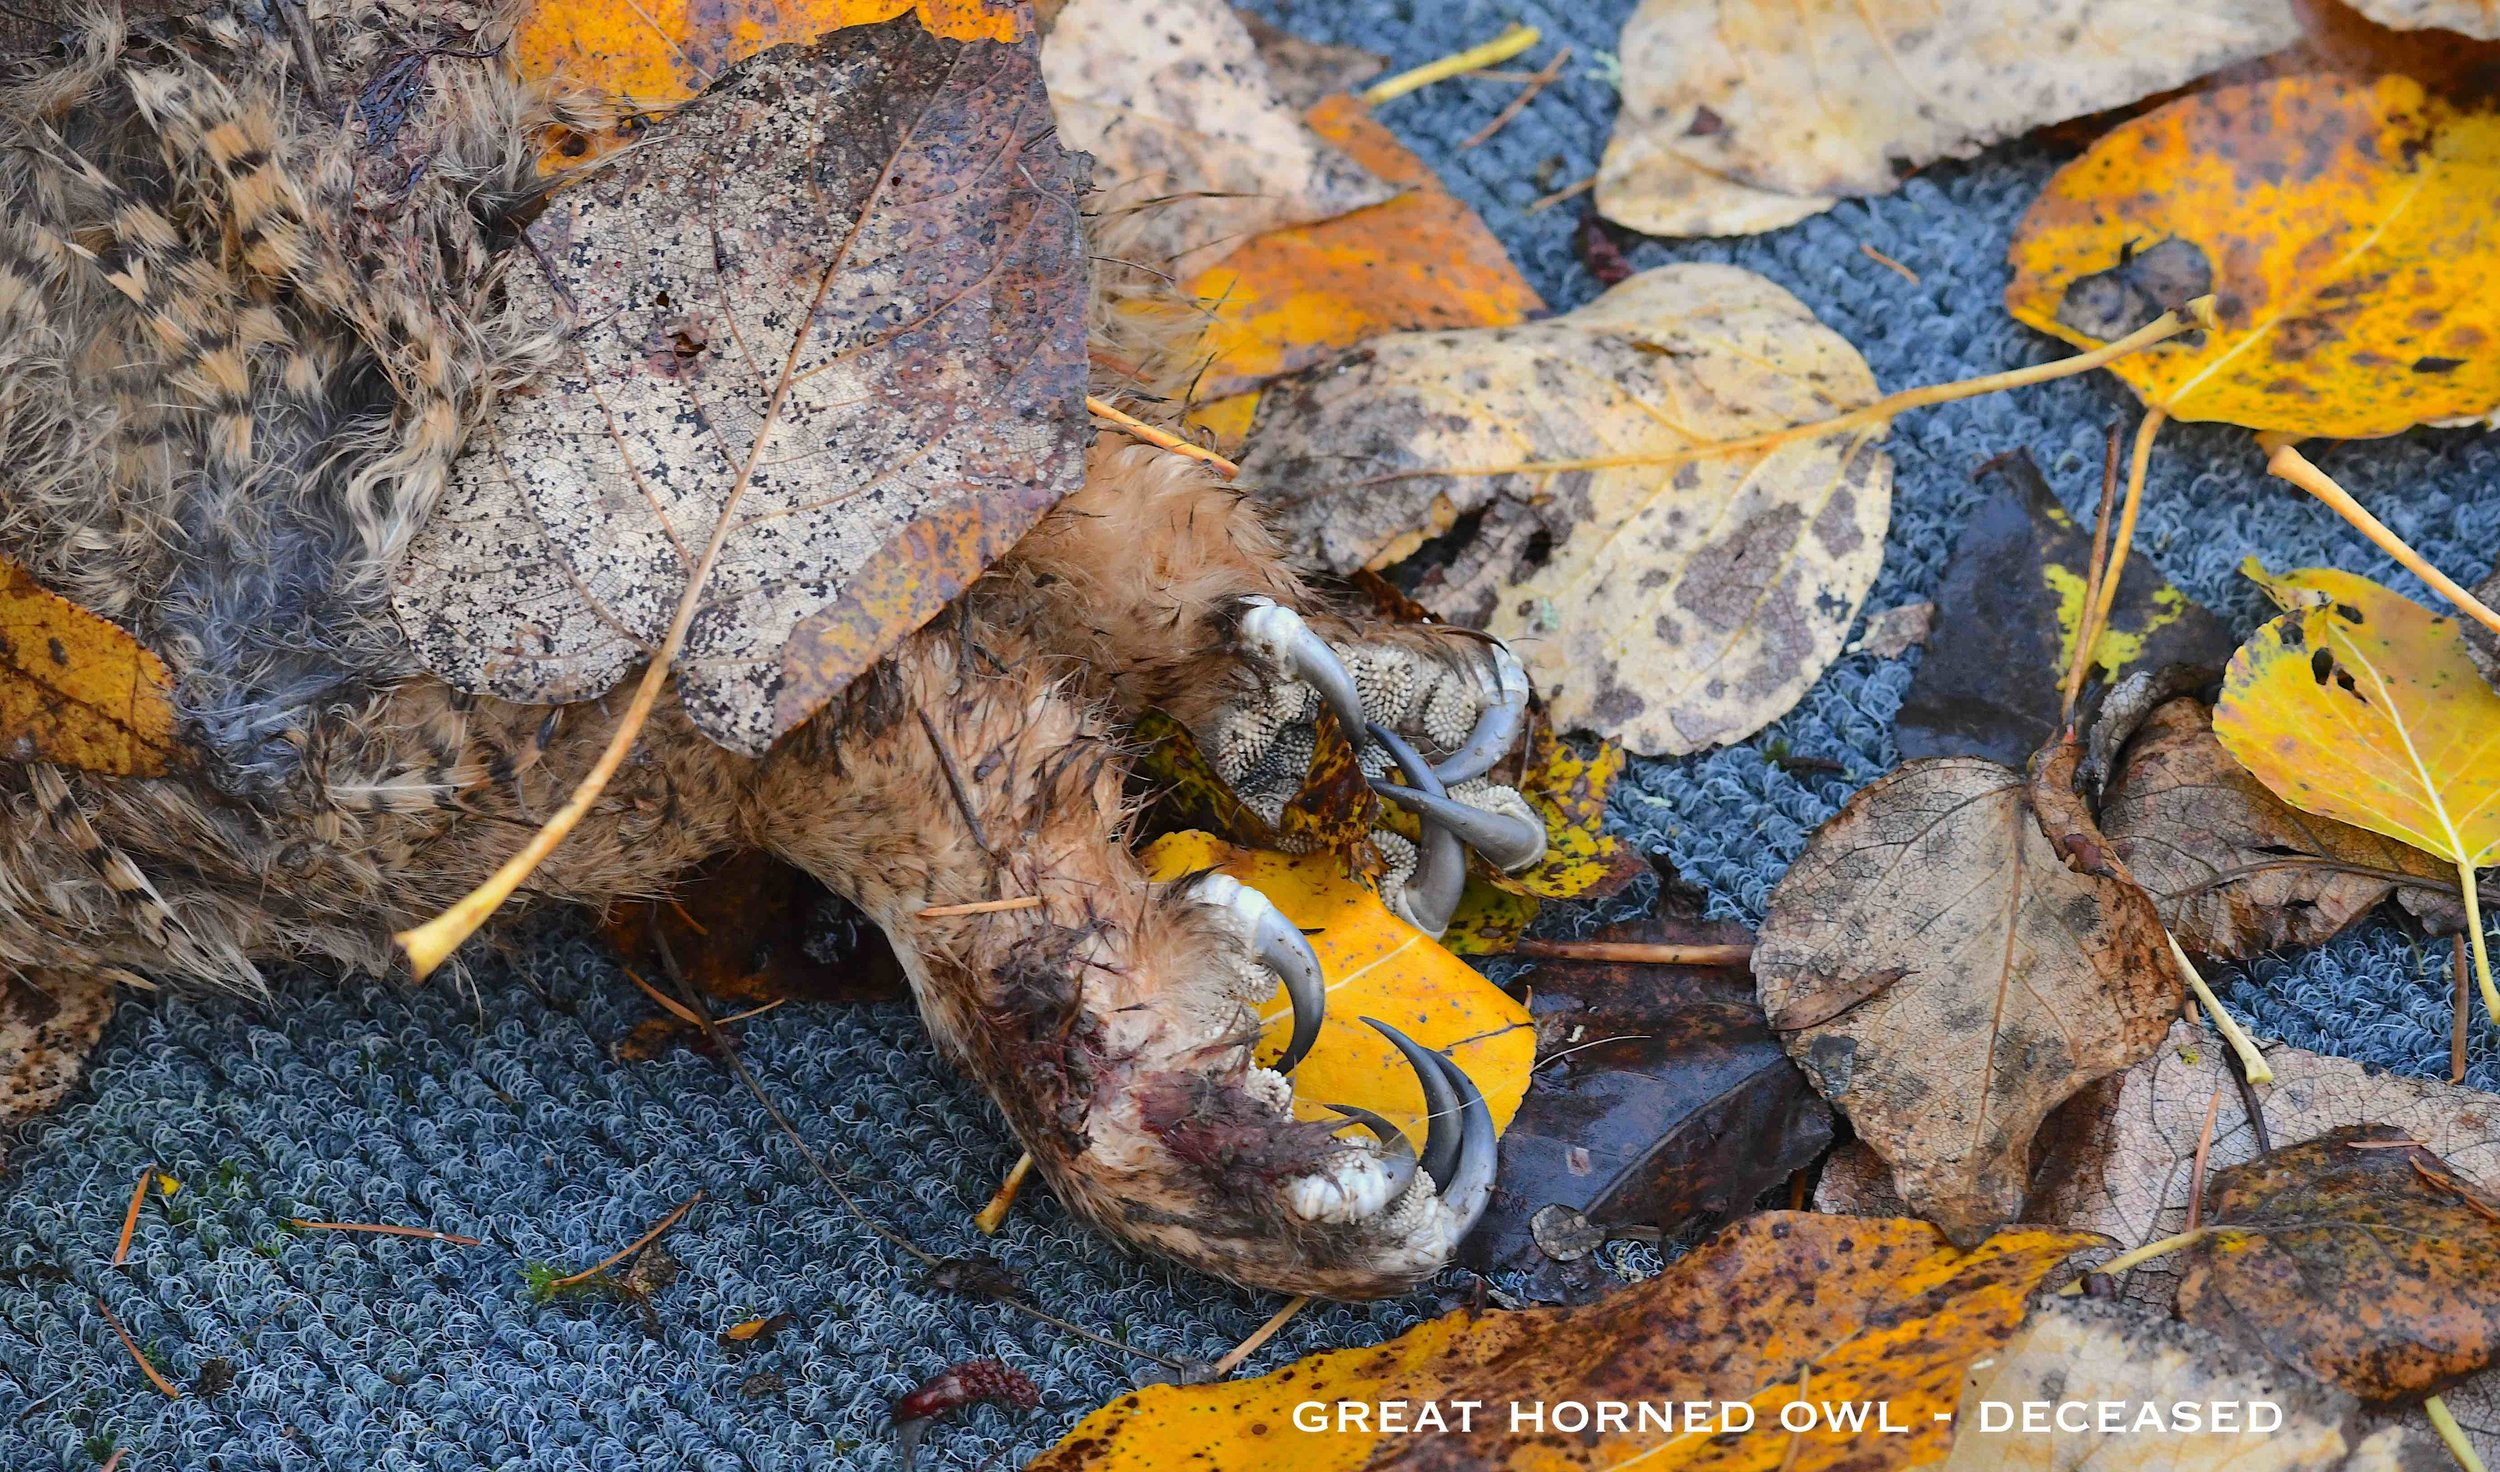 Great Horned Owl deceased DSC_0972.JPG edited small.jpg